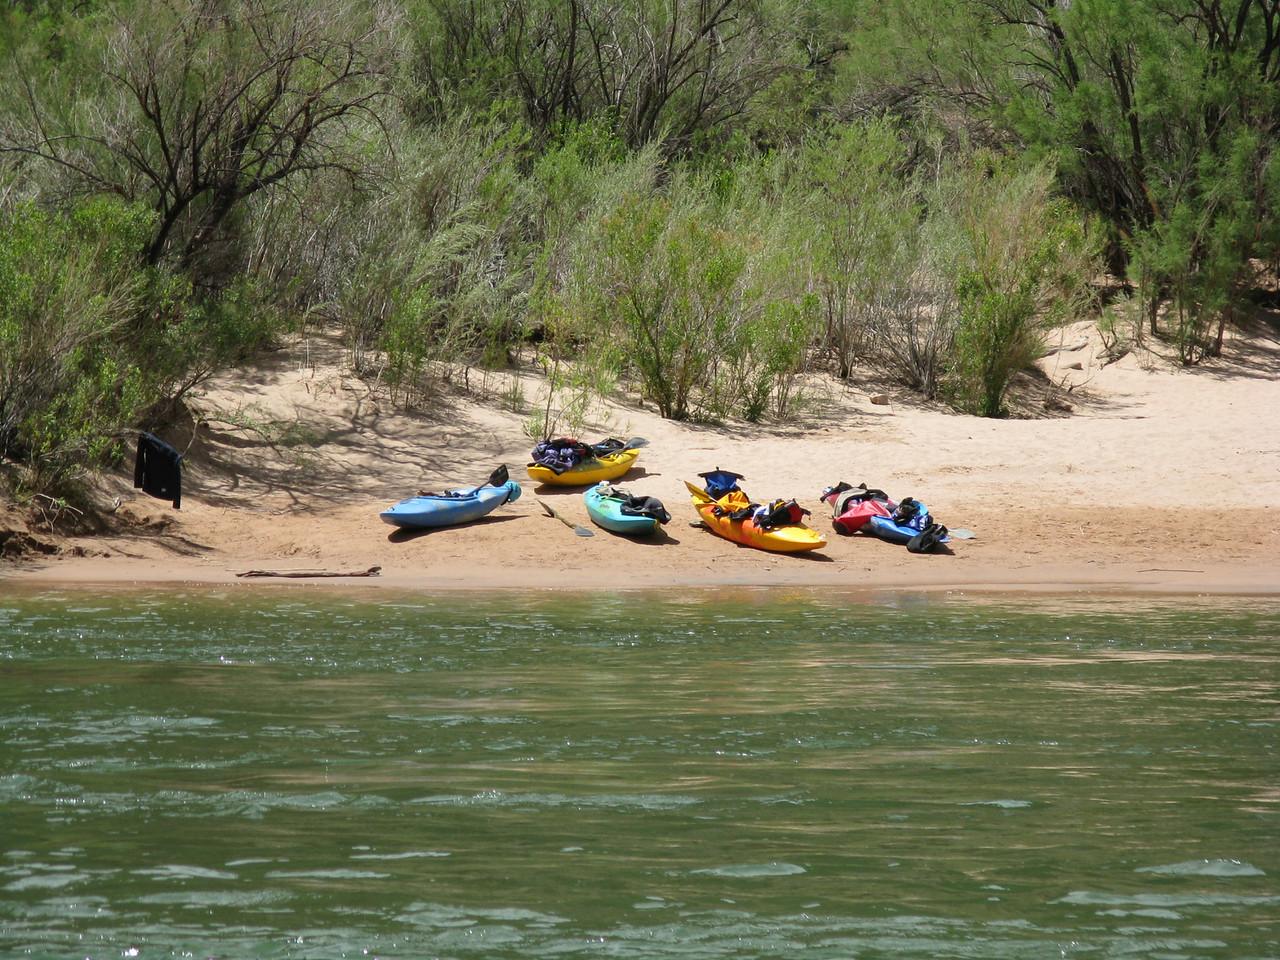 Kayaks on the beach.